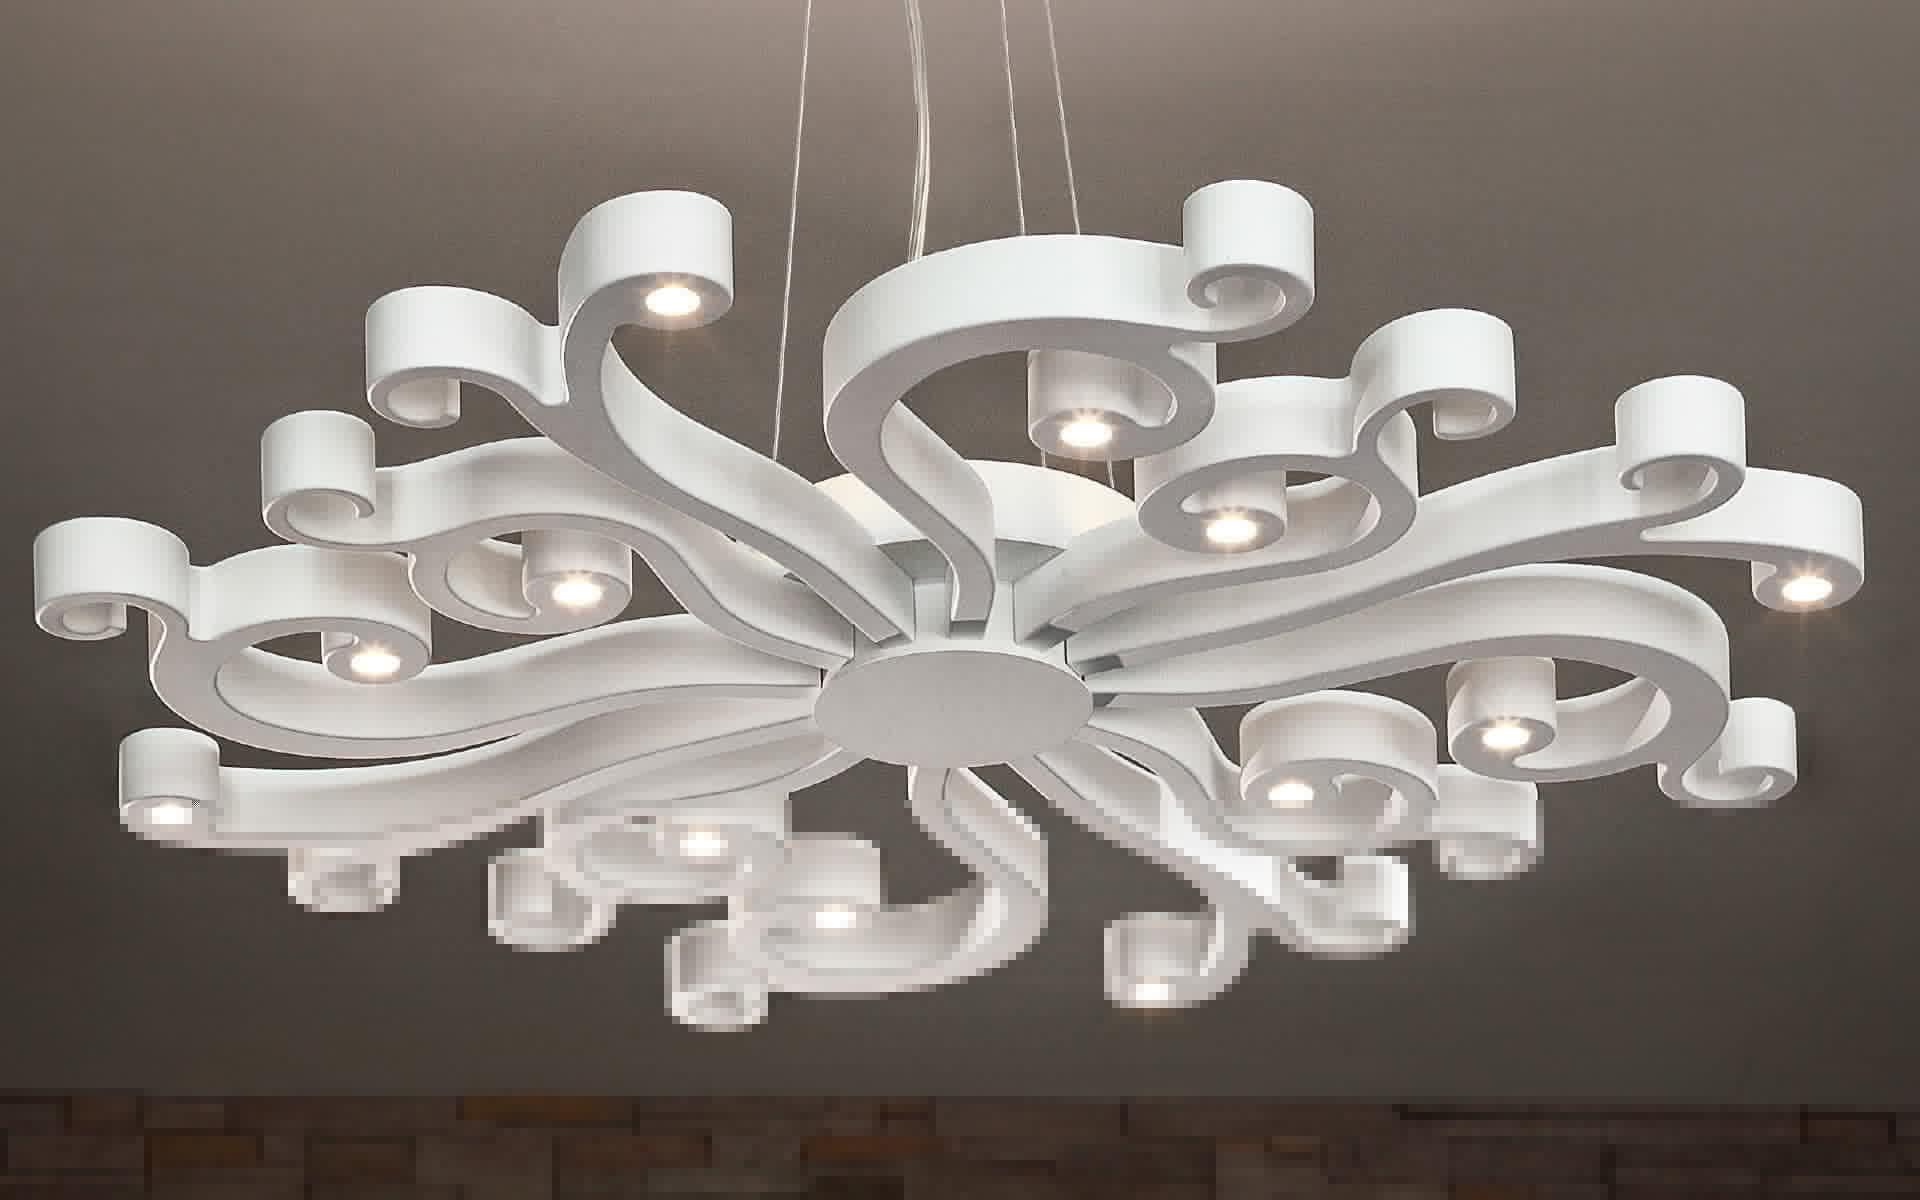 Дизайн потолочных люстр